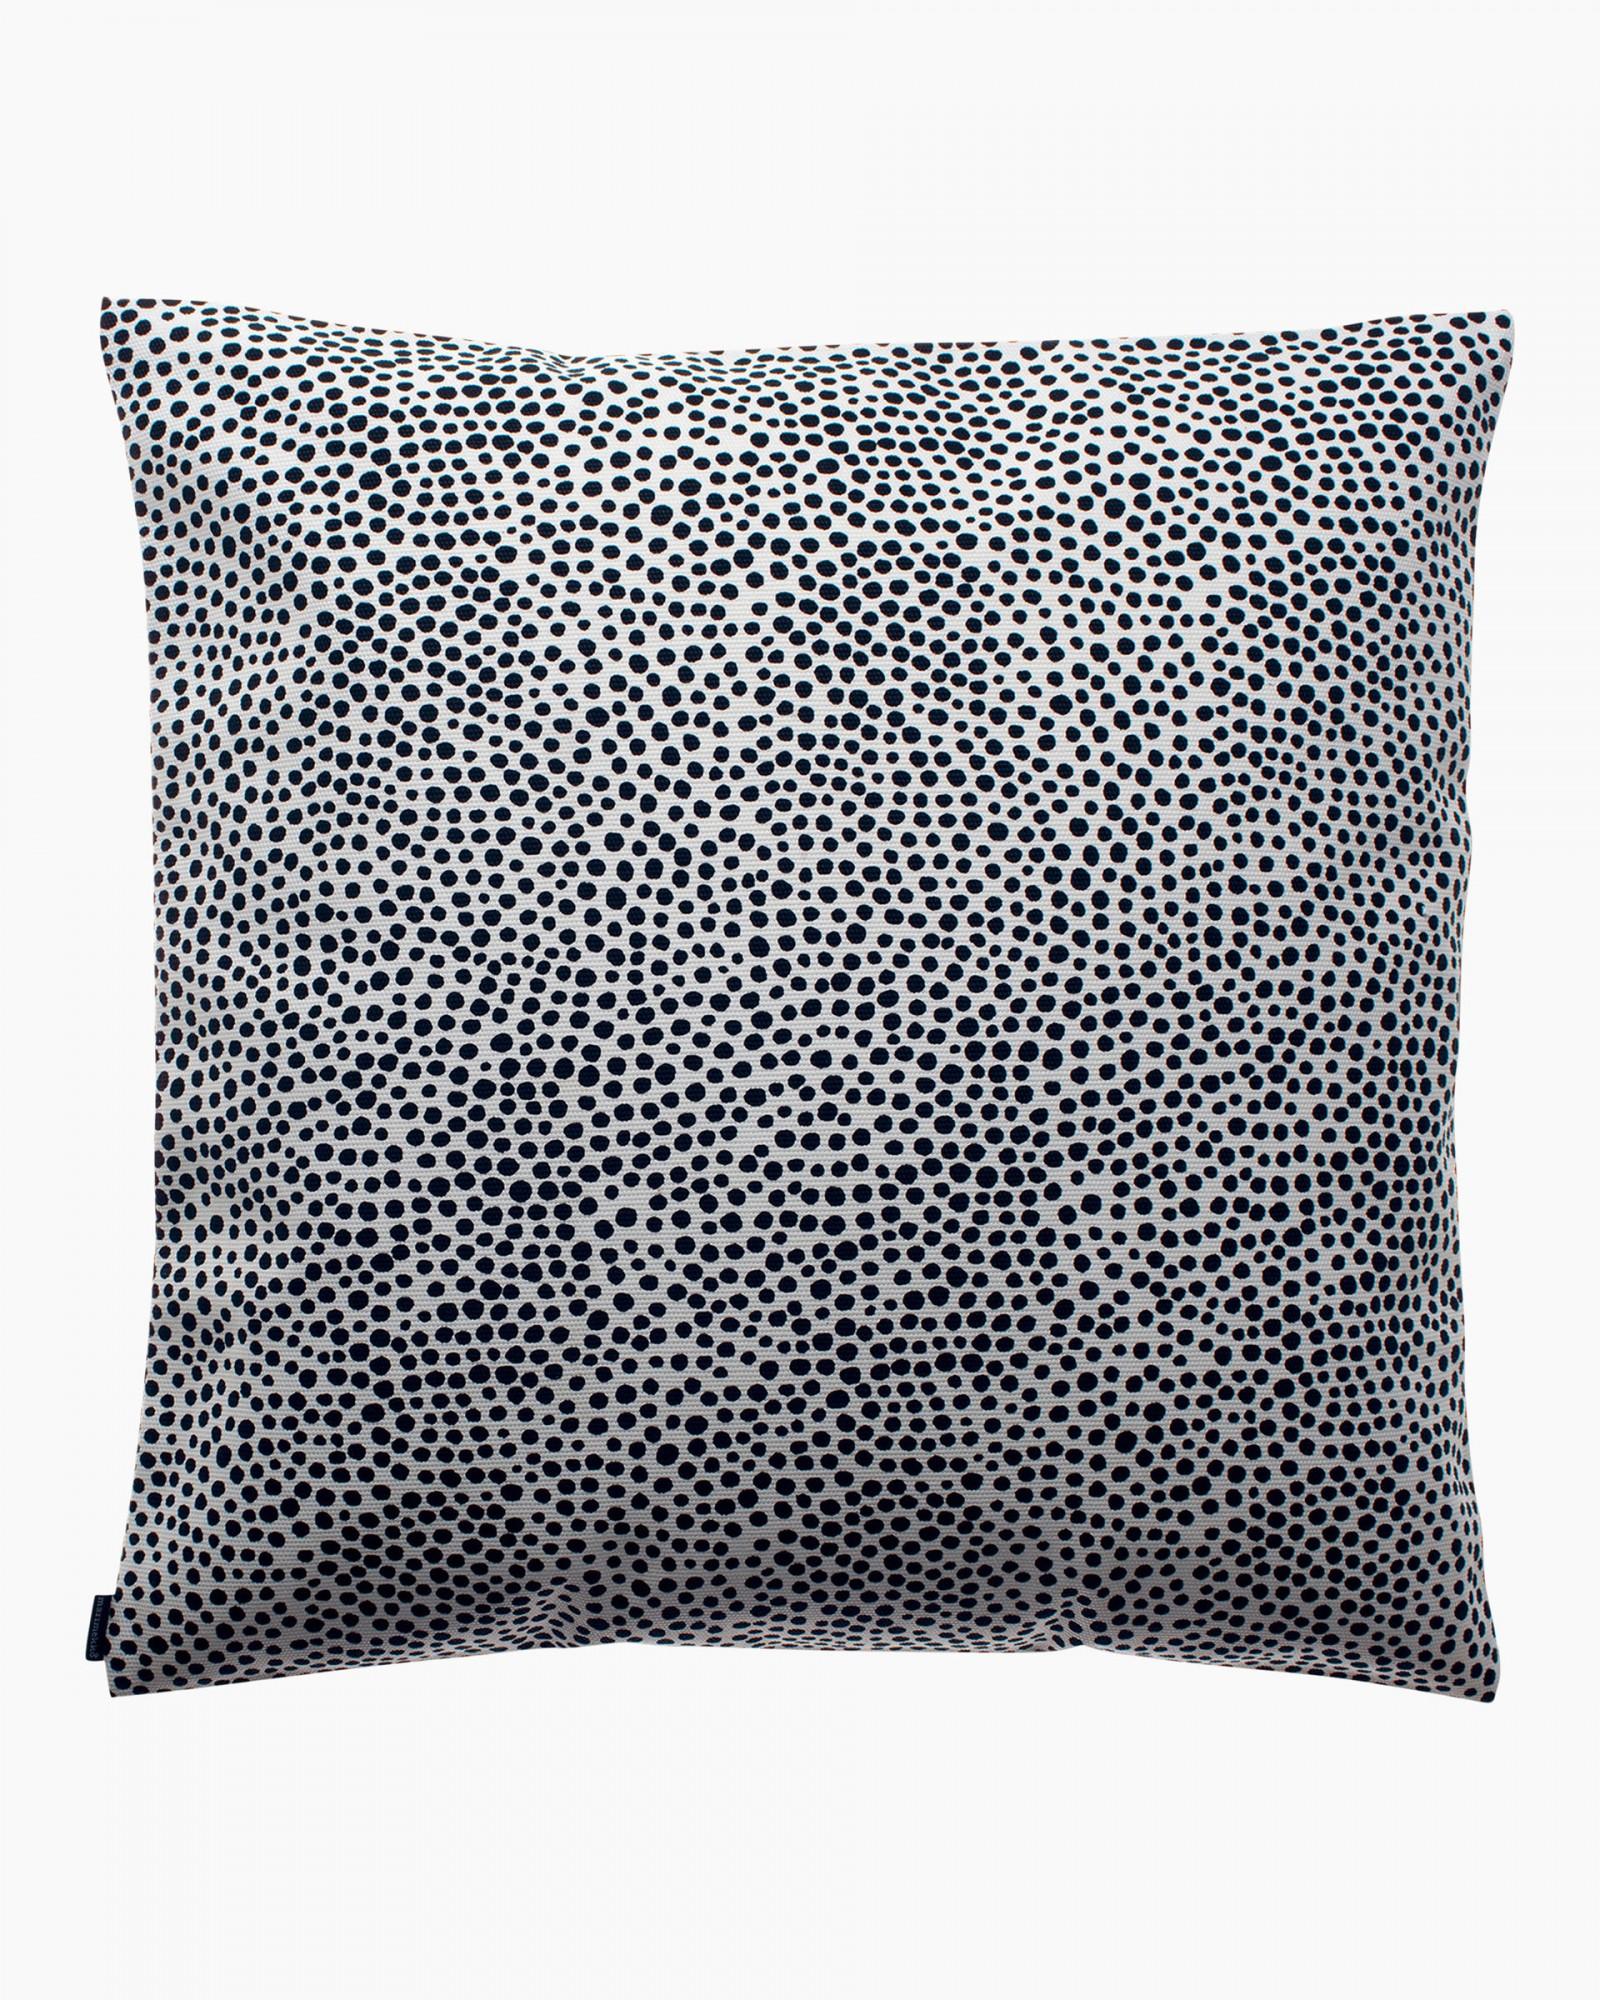 Housse de coussin Pirput Parput noir et blanc 50x50cm * Marimekko